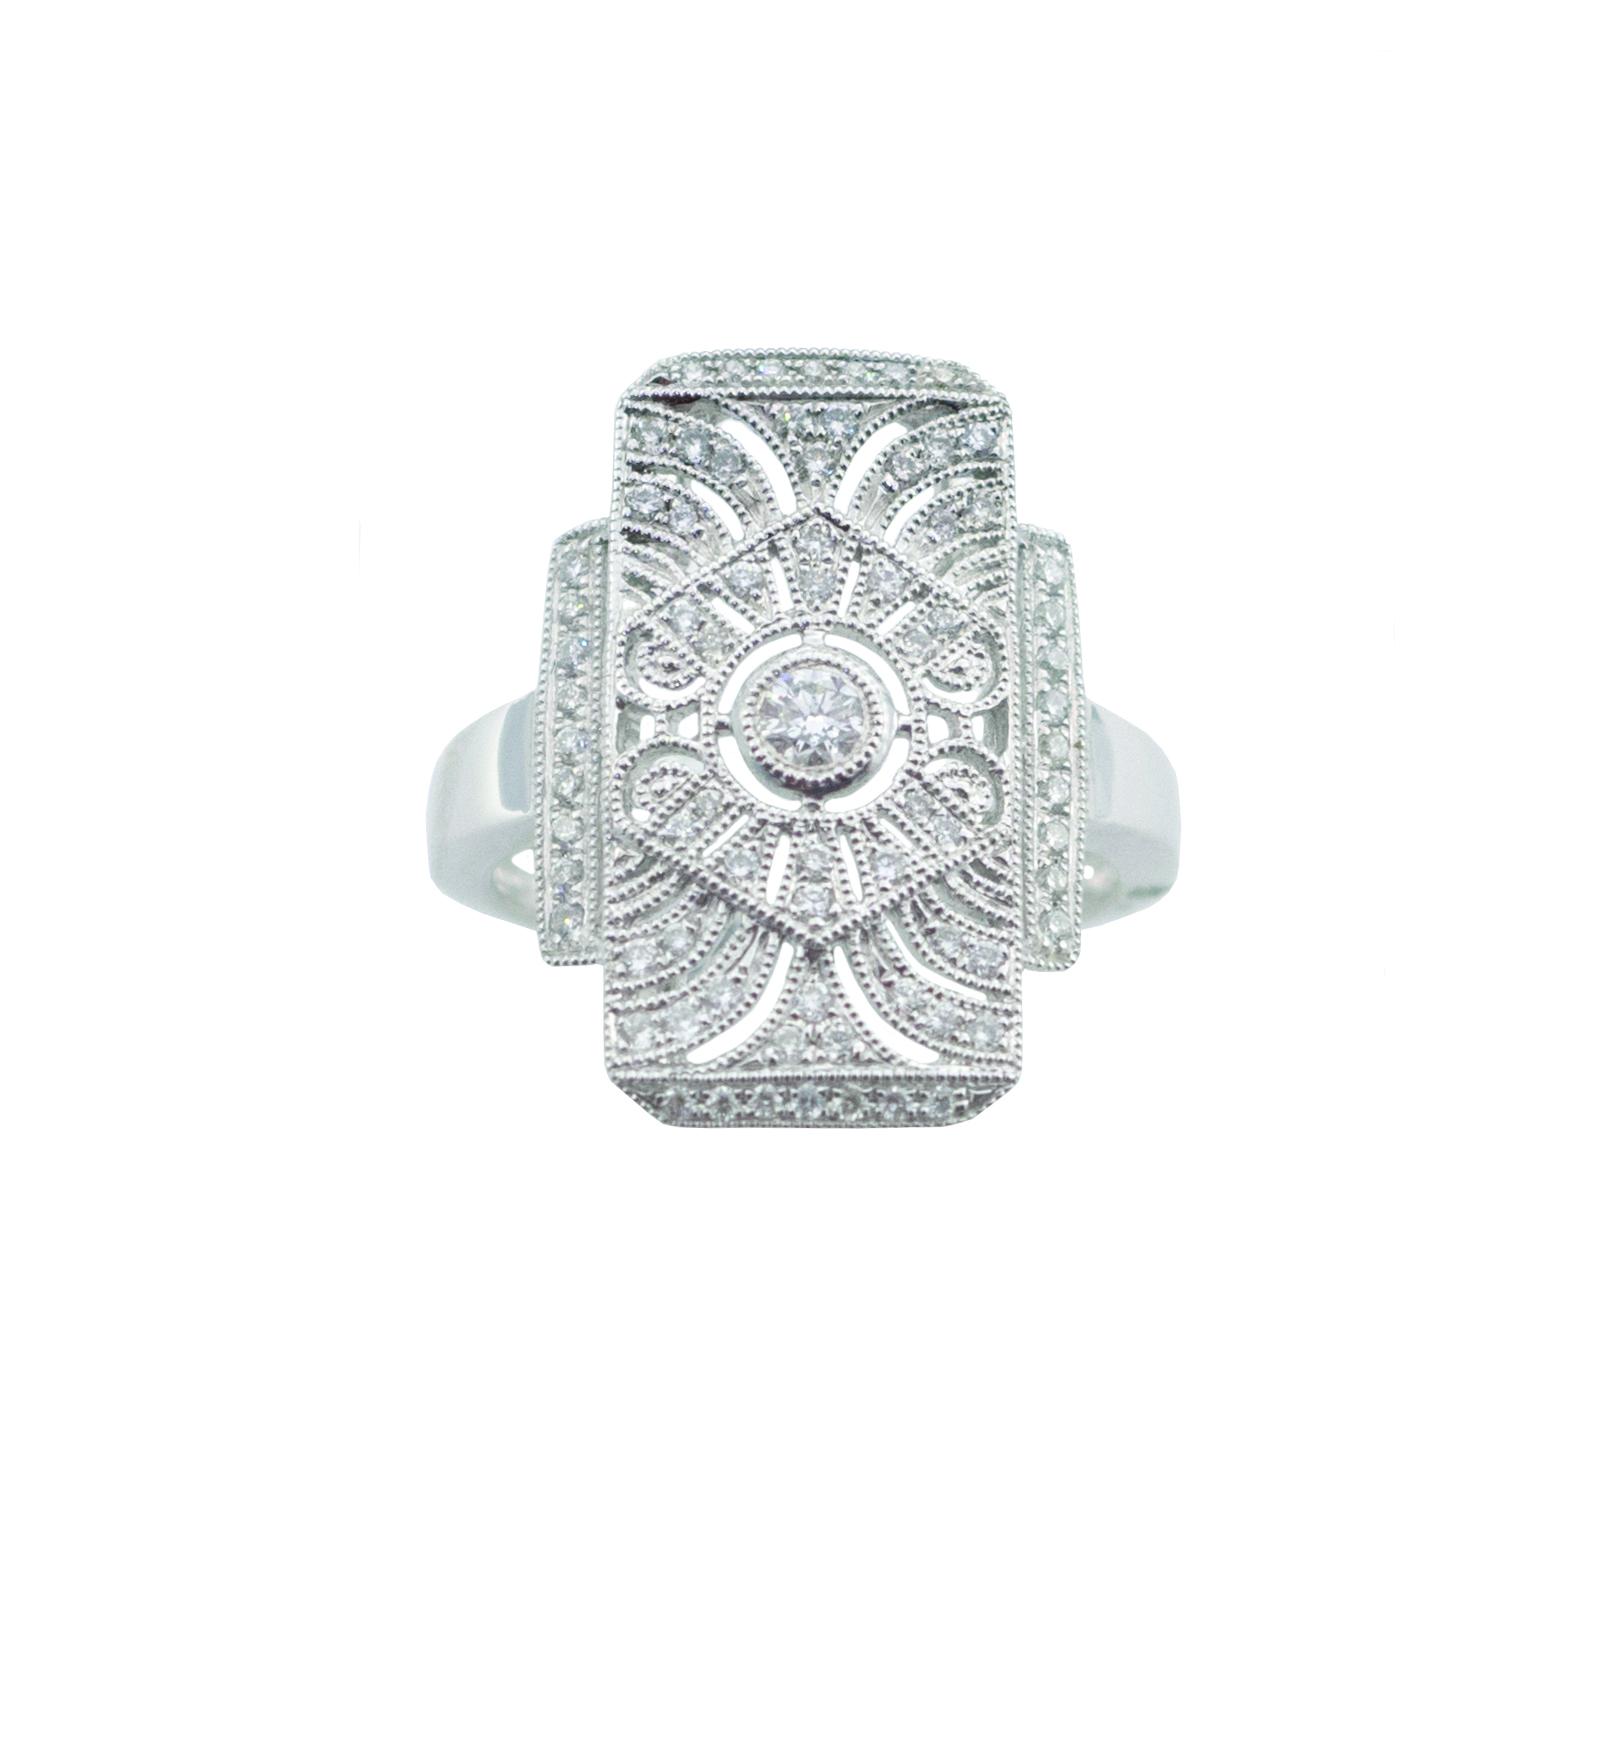 Intricate diamond ring!